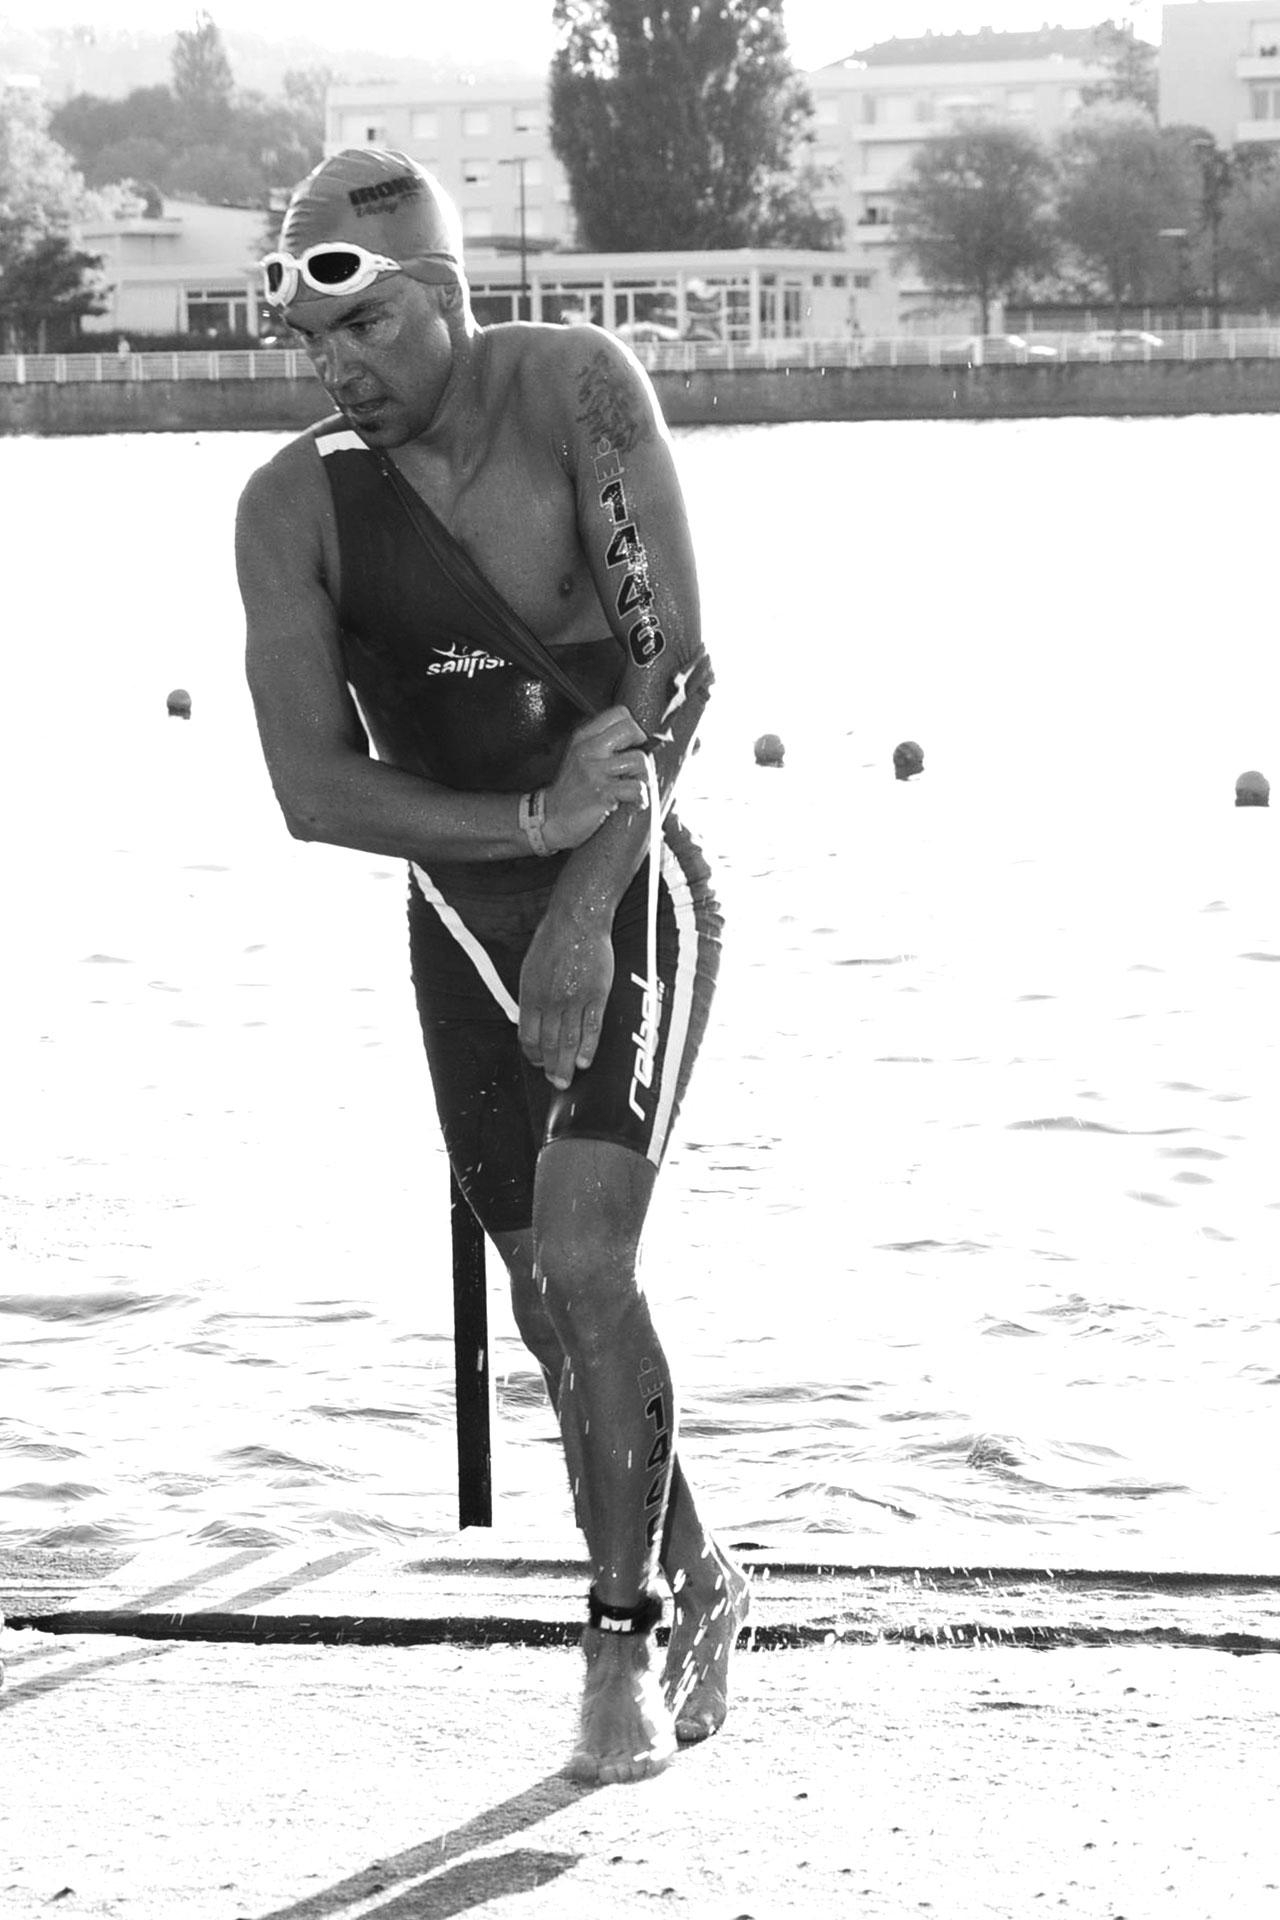 IRONMAN VICHY 2016 The Story: Nach 3,8 km im Lac d'Allier schnell den Sailfish Speedsuit abstreifen und das runter gerollte Tri Top wieder anziehen ©stefandrexl.de